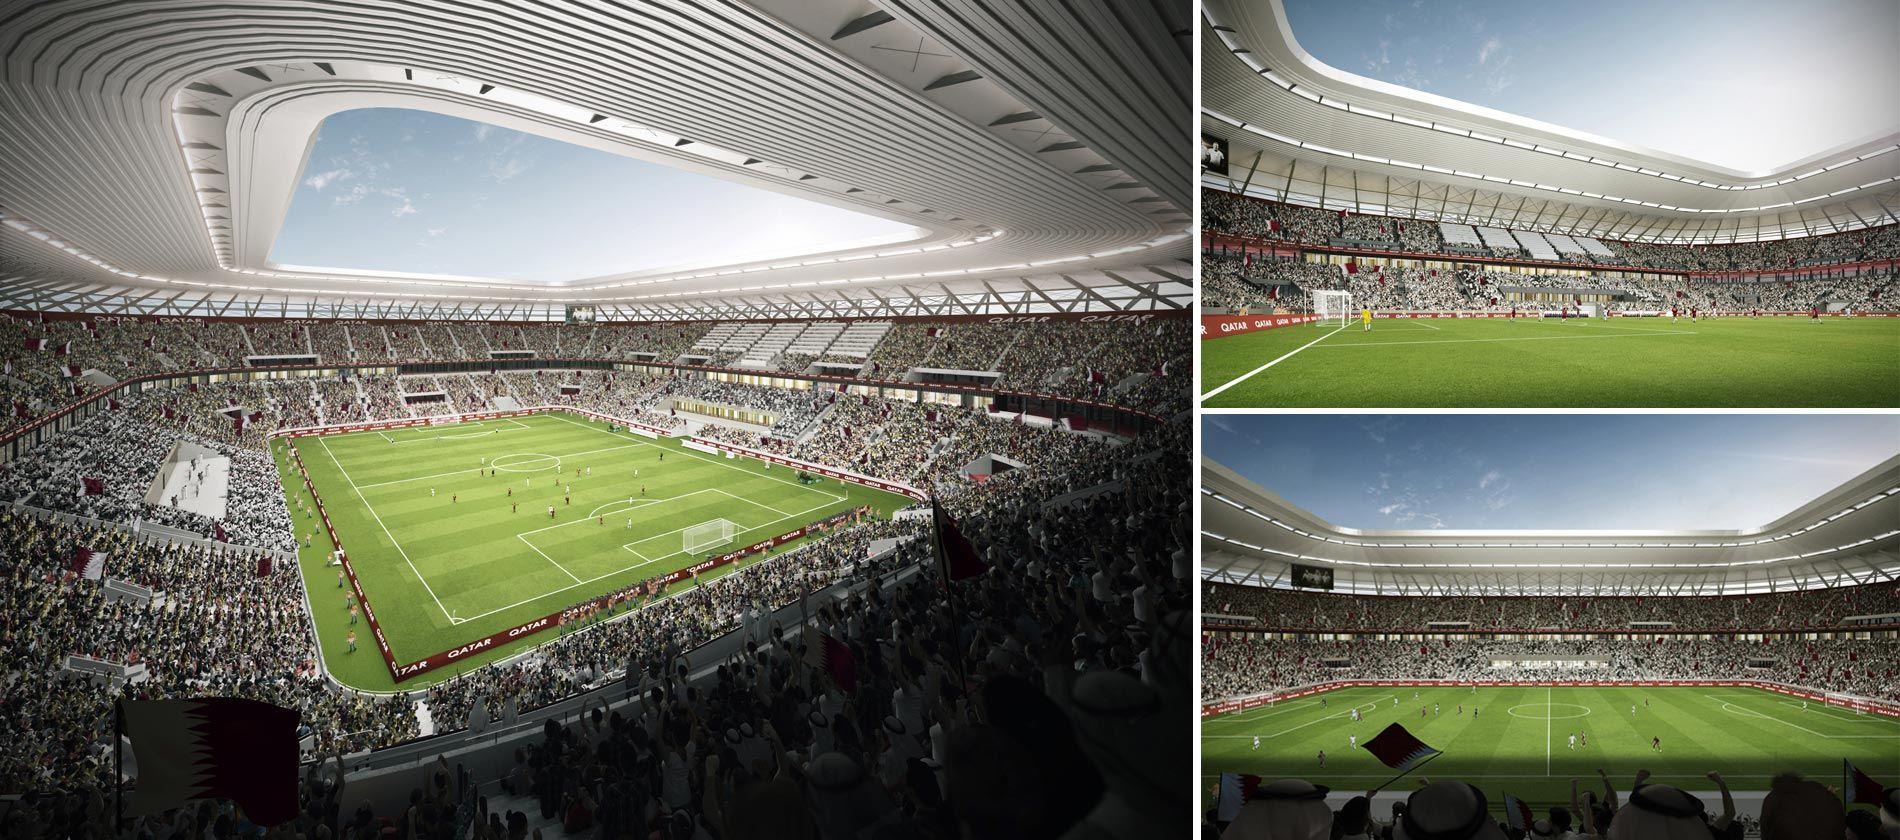 L'interior no es diferencia dels estadis construïts de manera convencional.